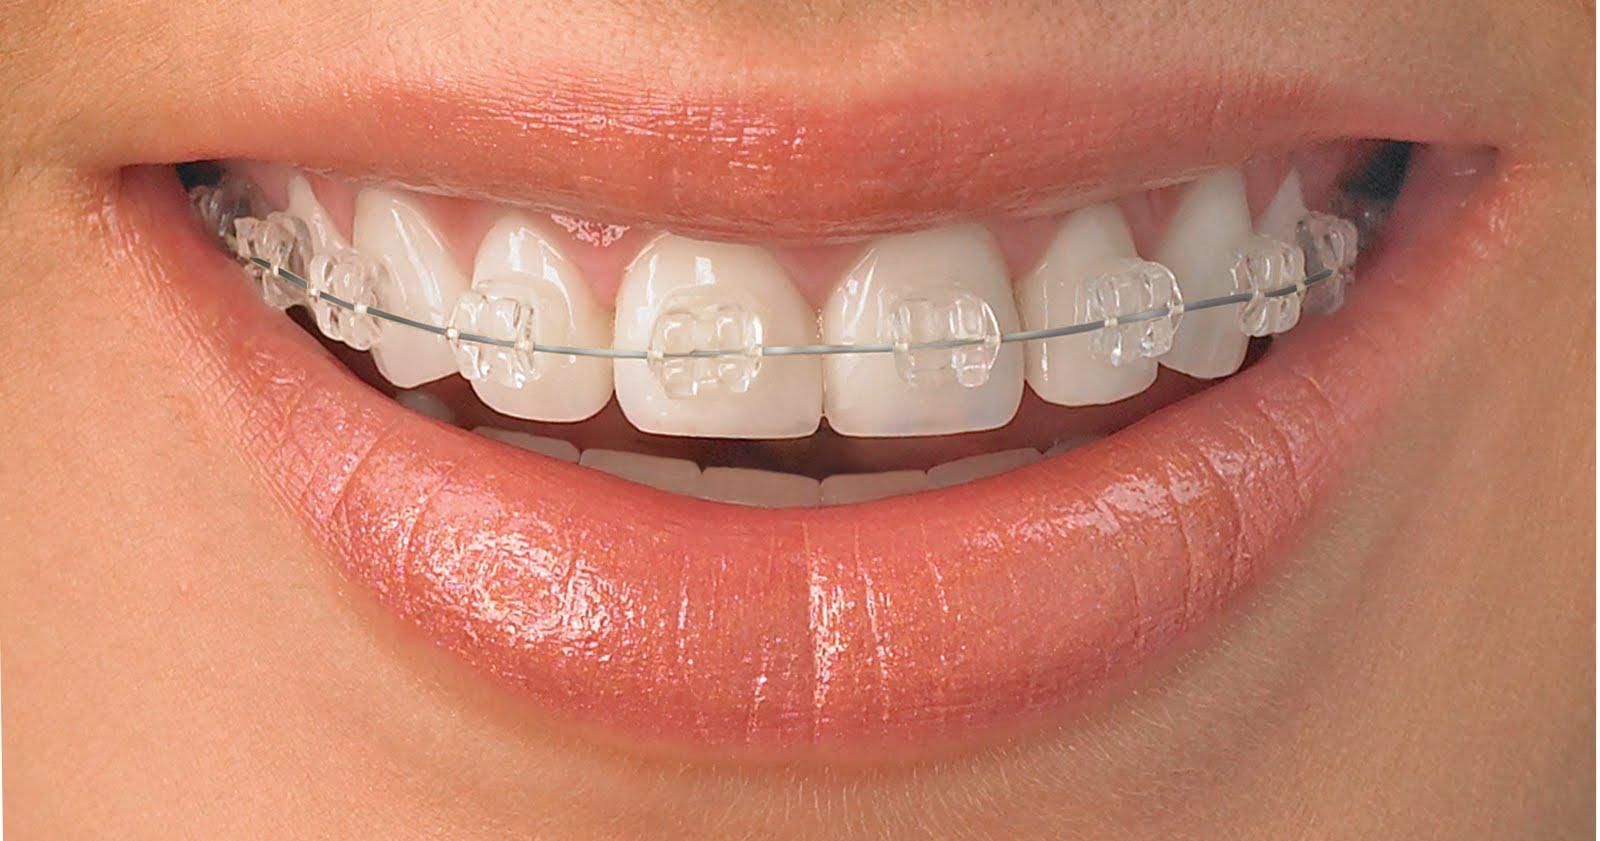 Estetske bravice - bijele bravice - ortodontska terapija